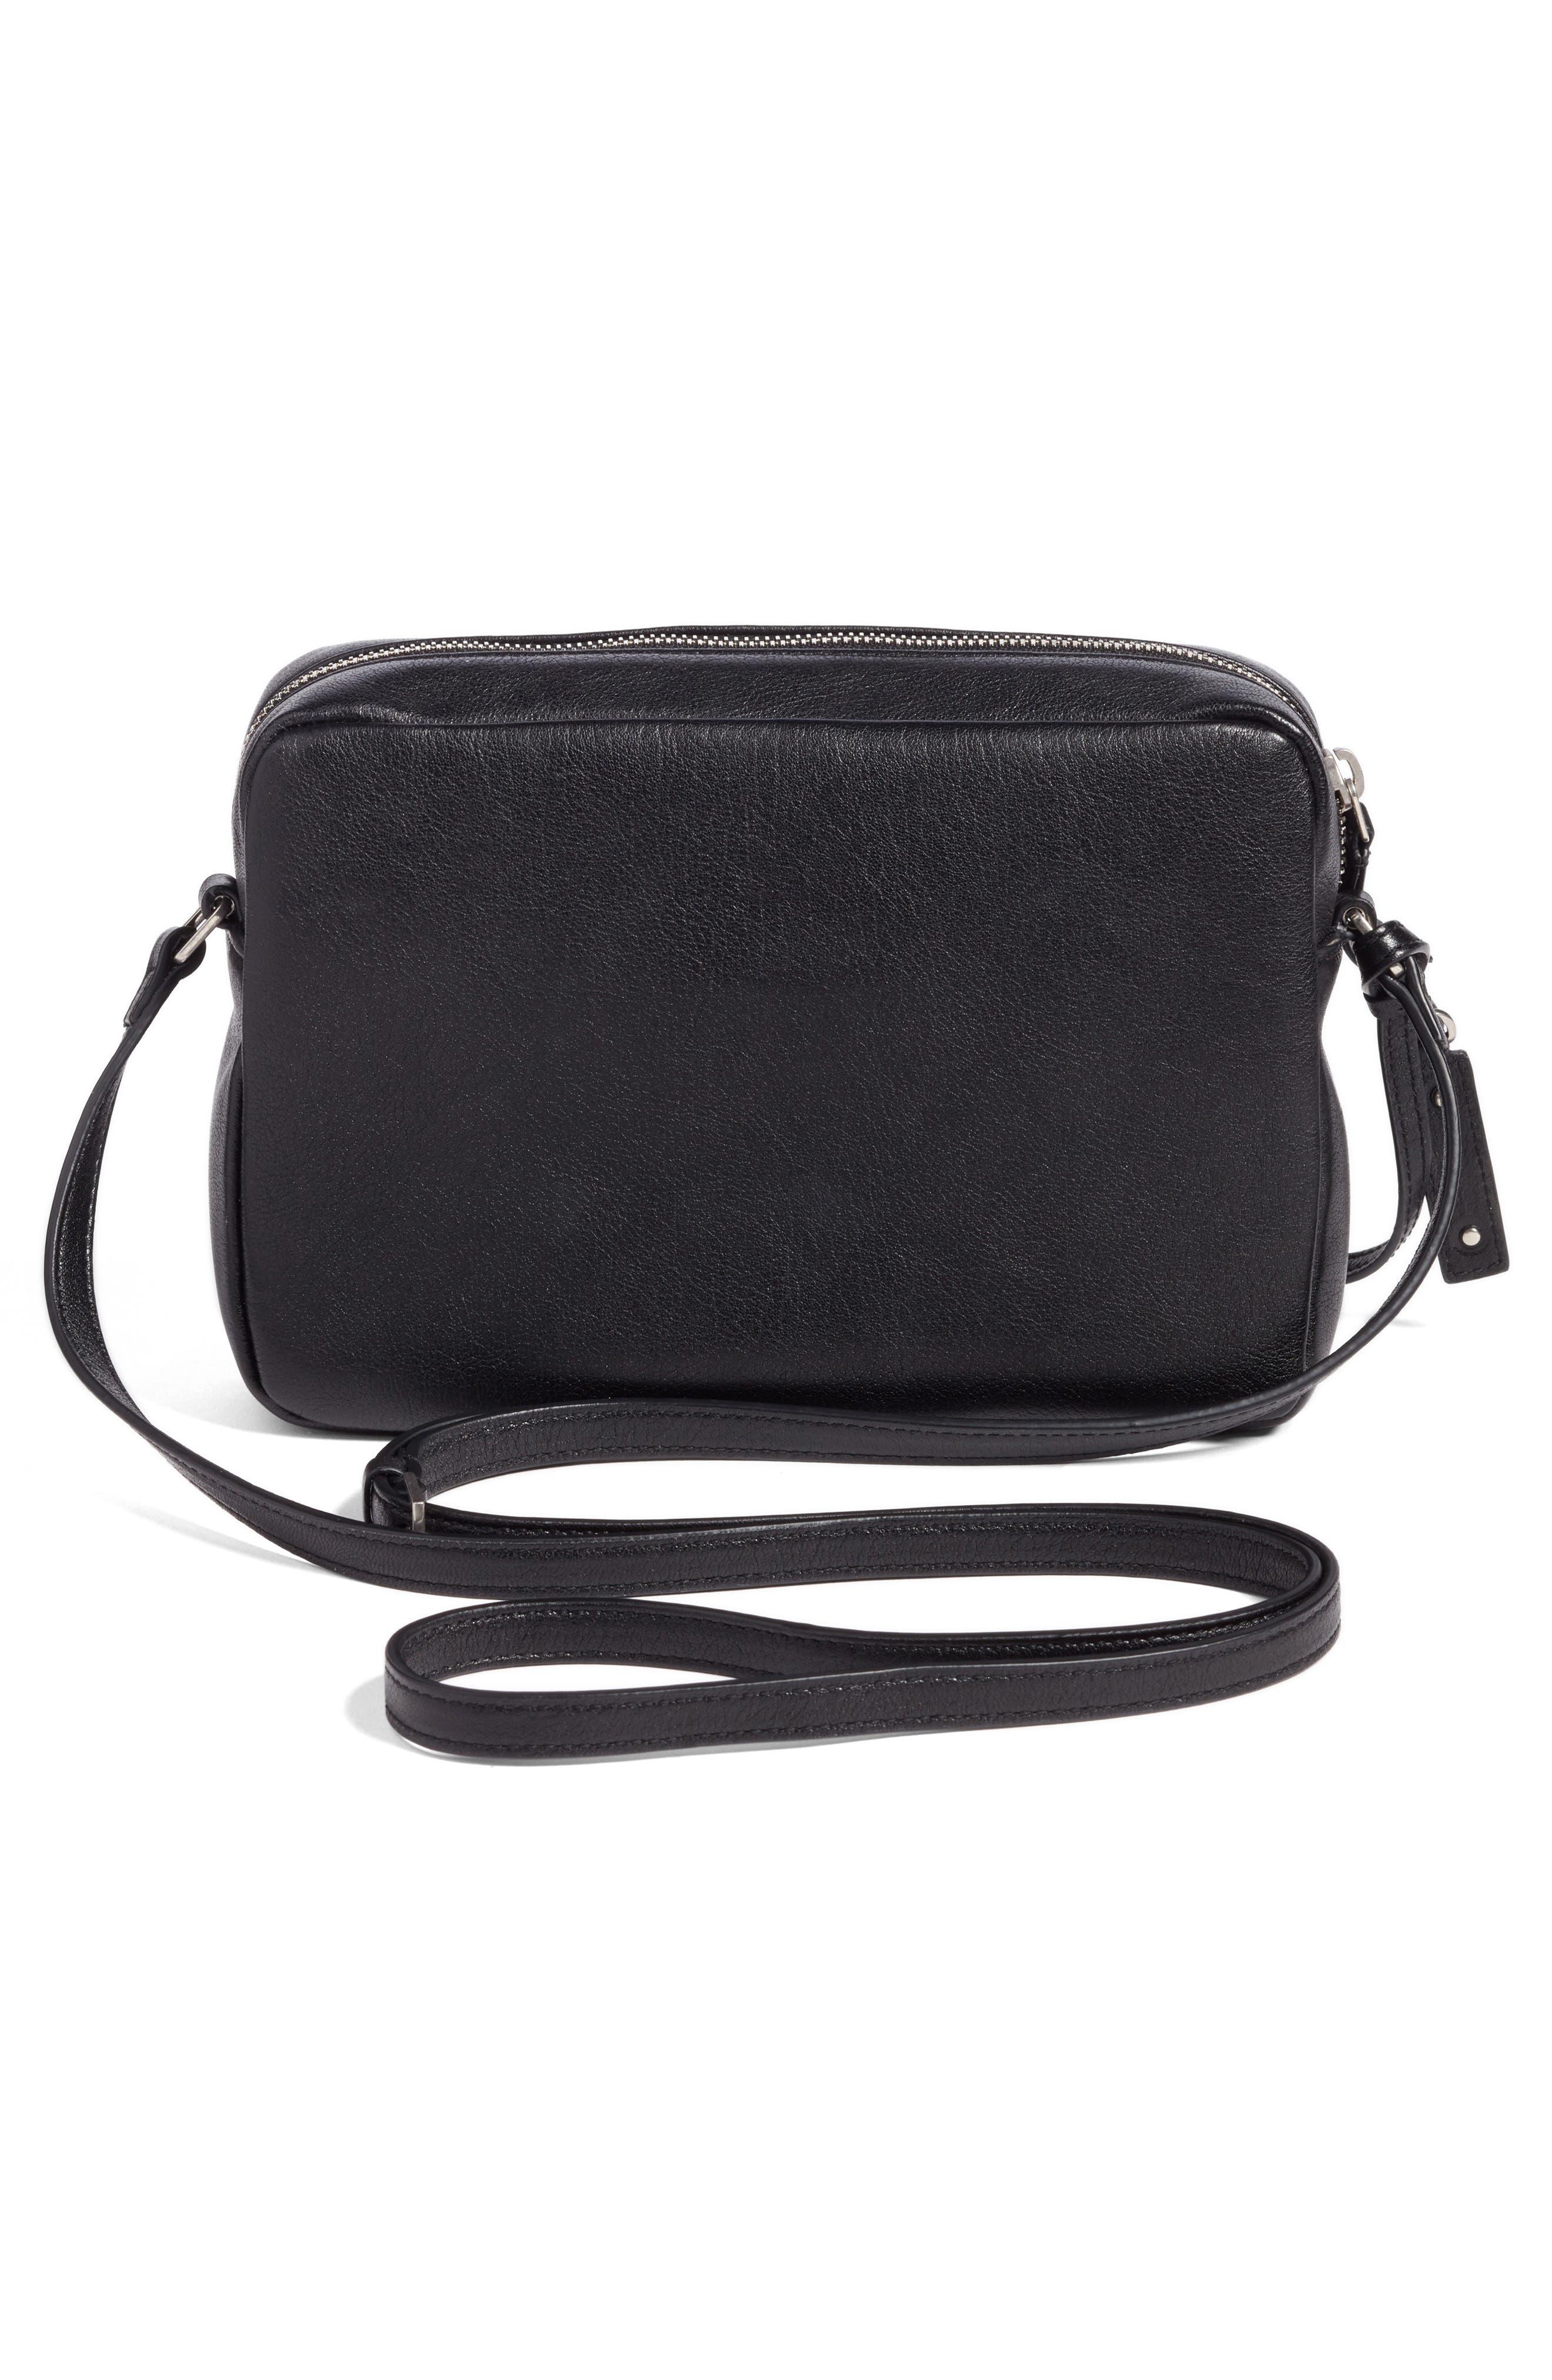 SAINT LAURENT, Small Mono Leather Camera Bag, Alternate thumbnail 3, color, NOIR